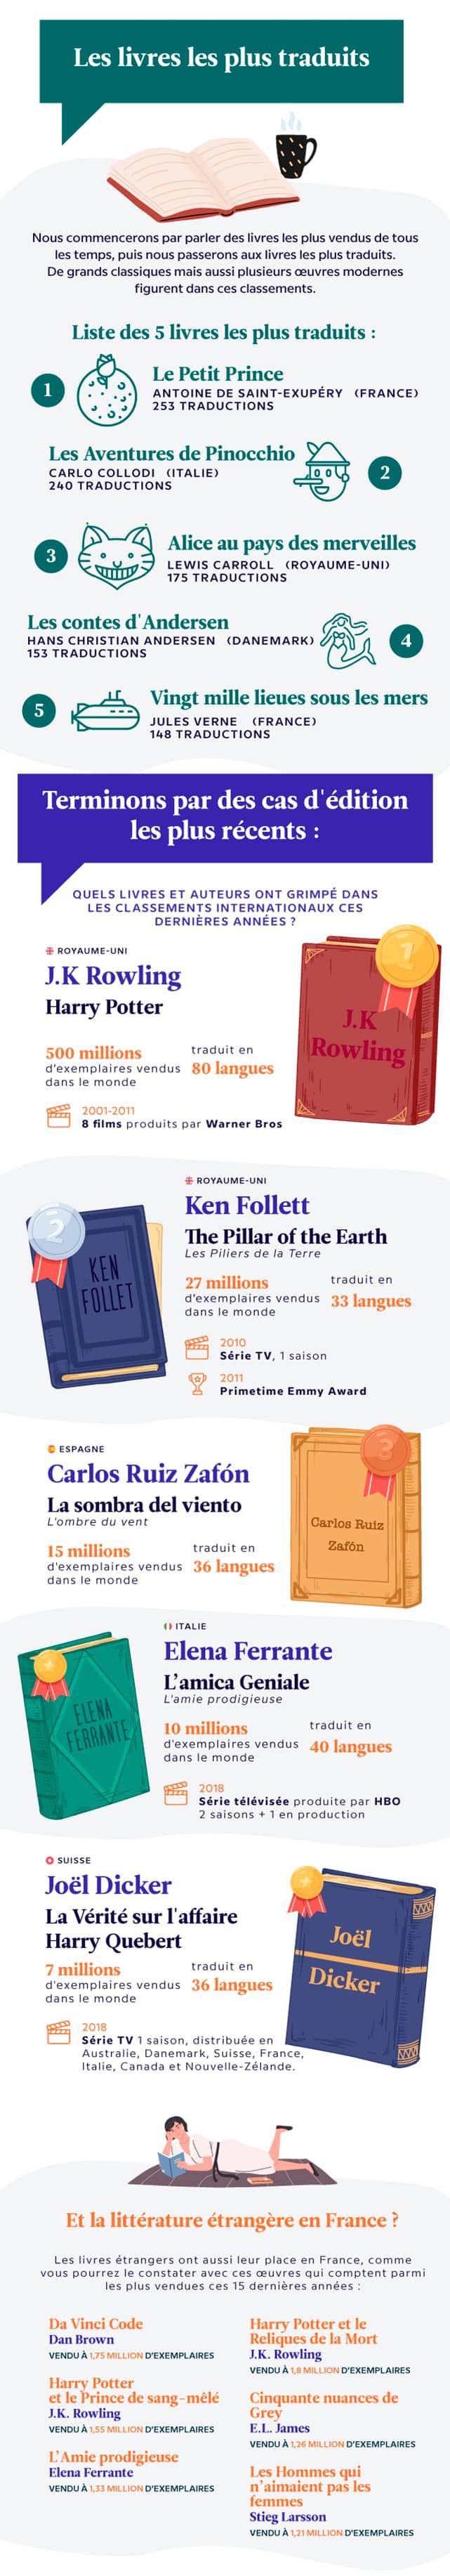 Les livres les plus traduits